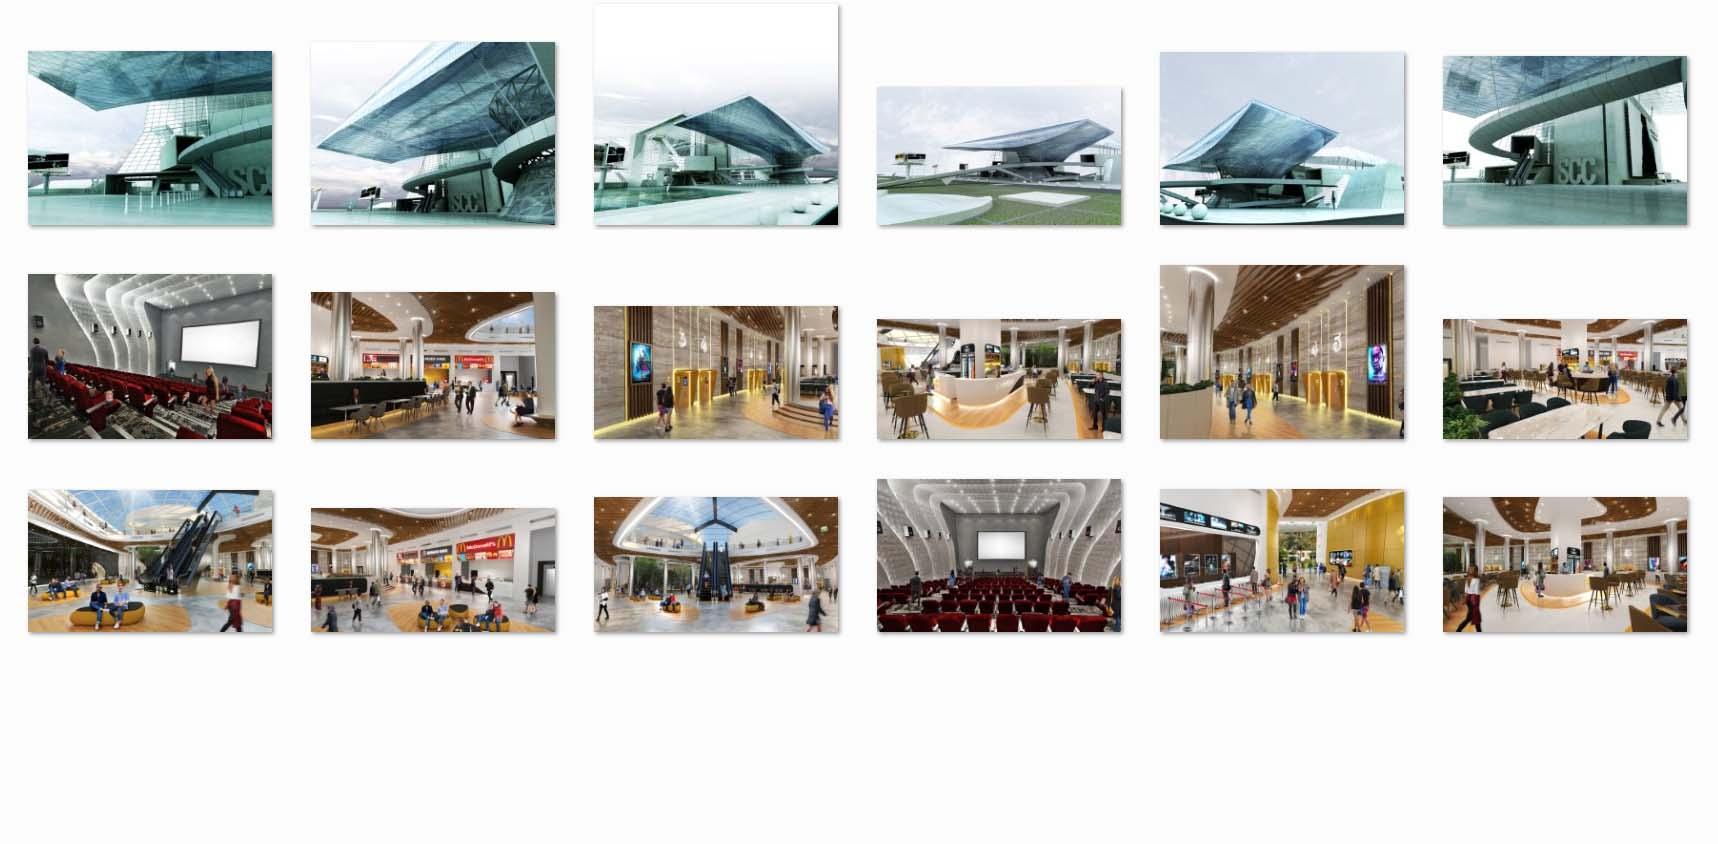 دانلود پروژه معماری سینما